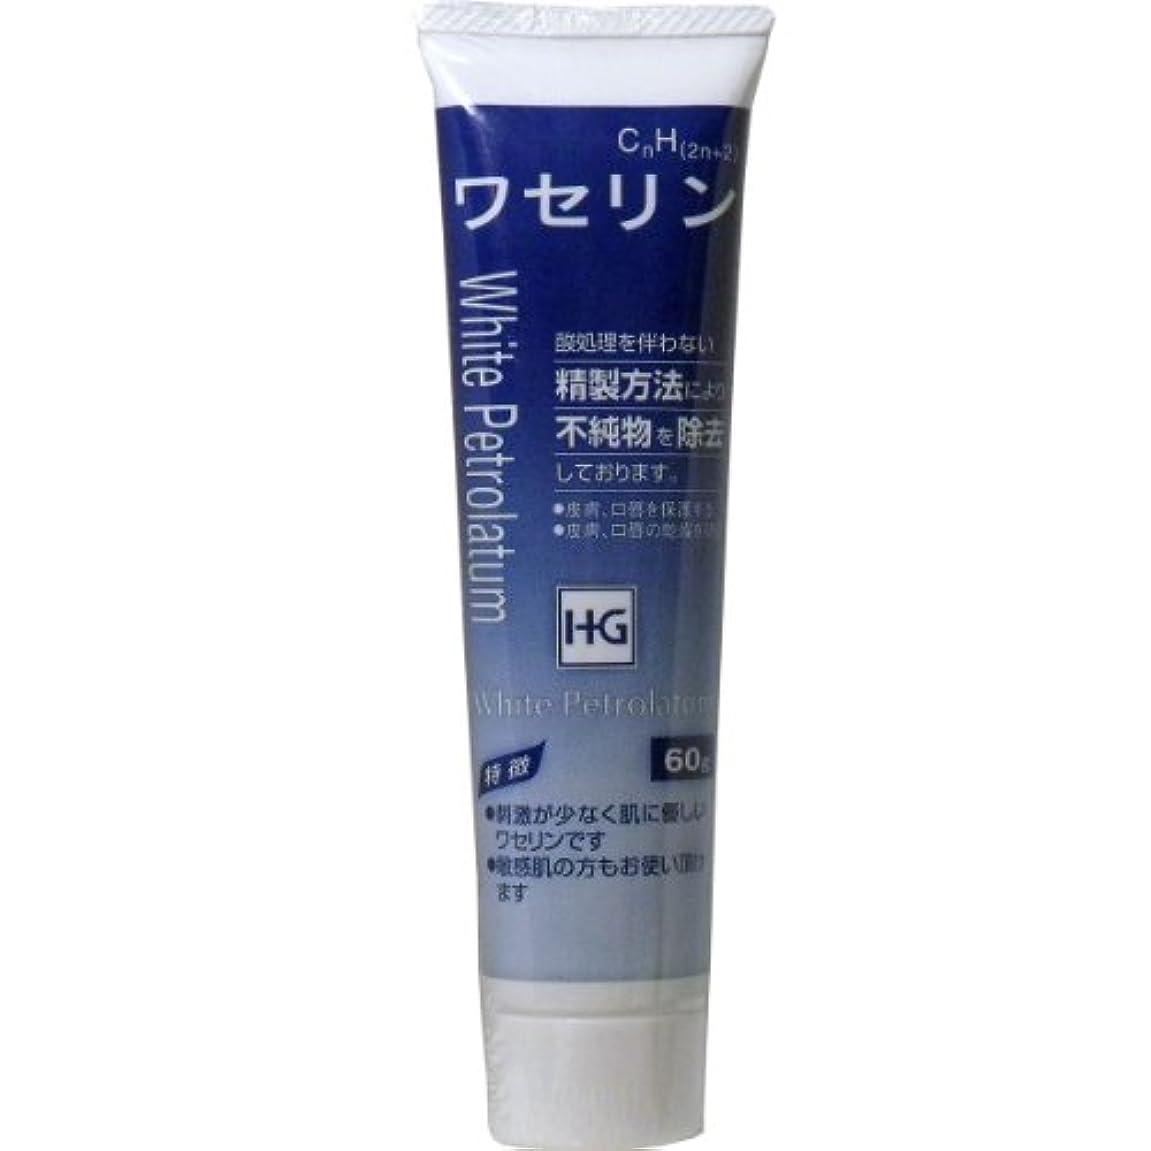 チート前者サバント皮膚保護 ワセリンHG チューブ 60g入 ×3個セット